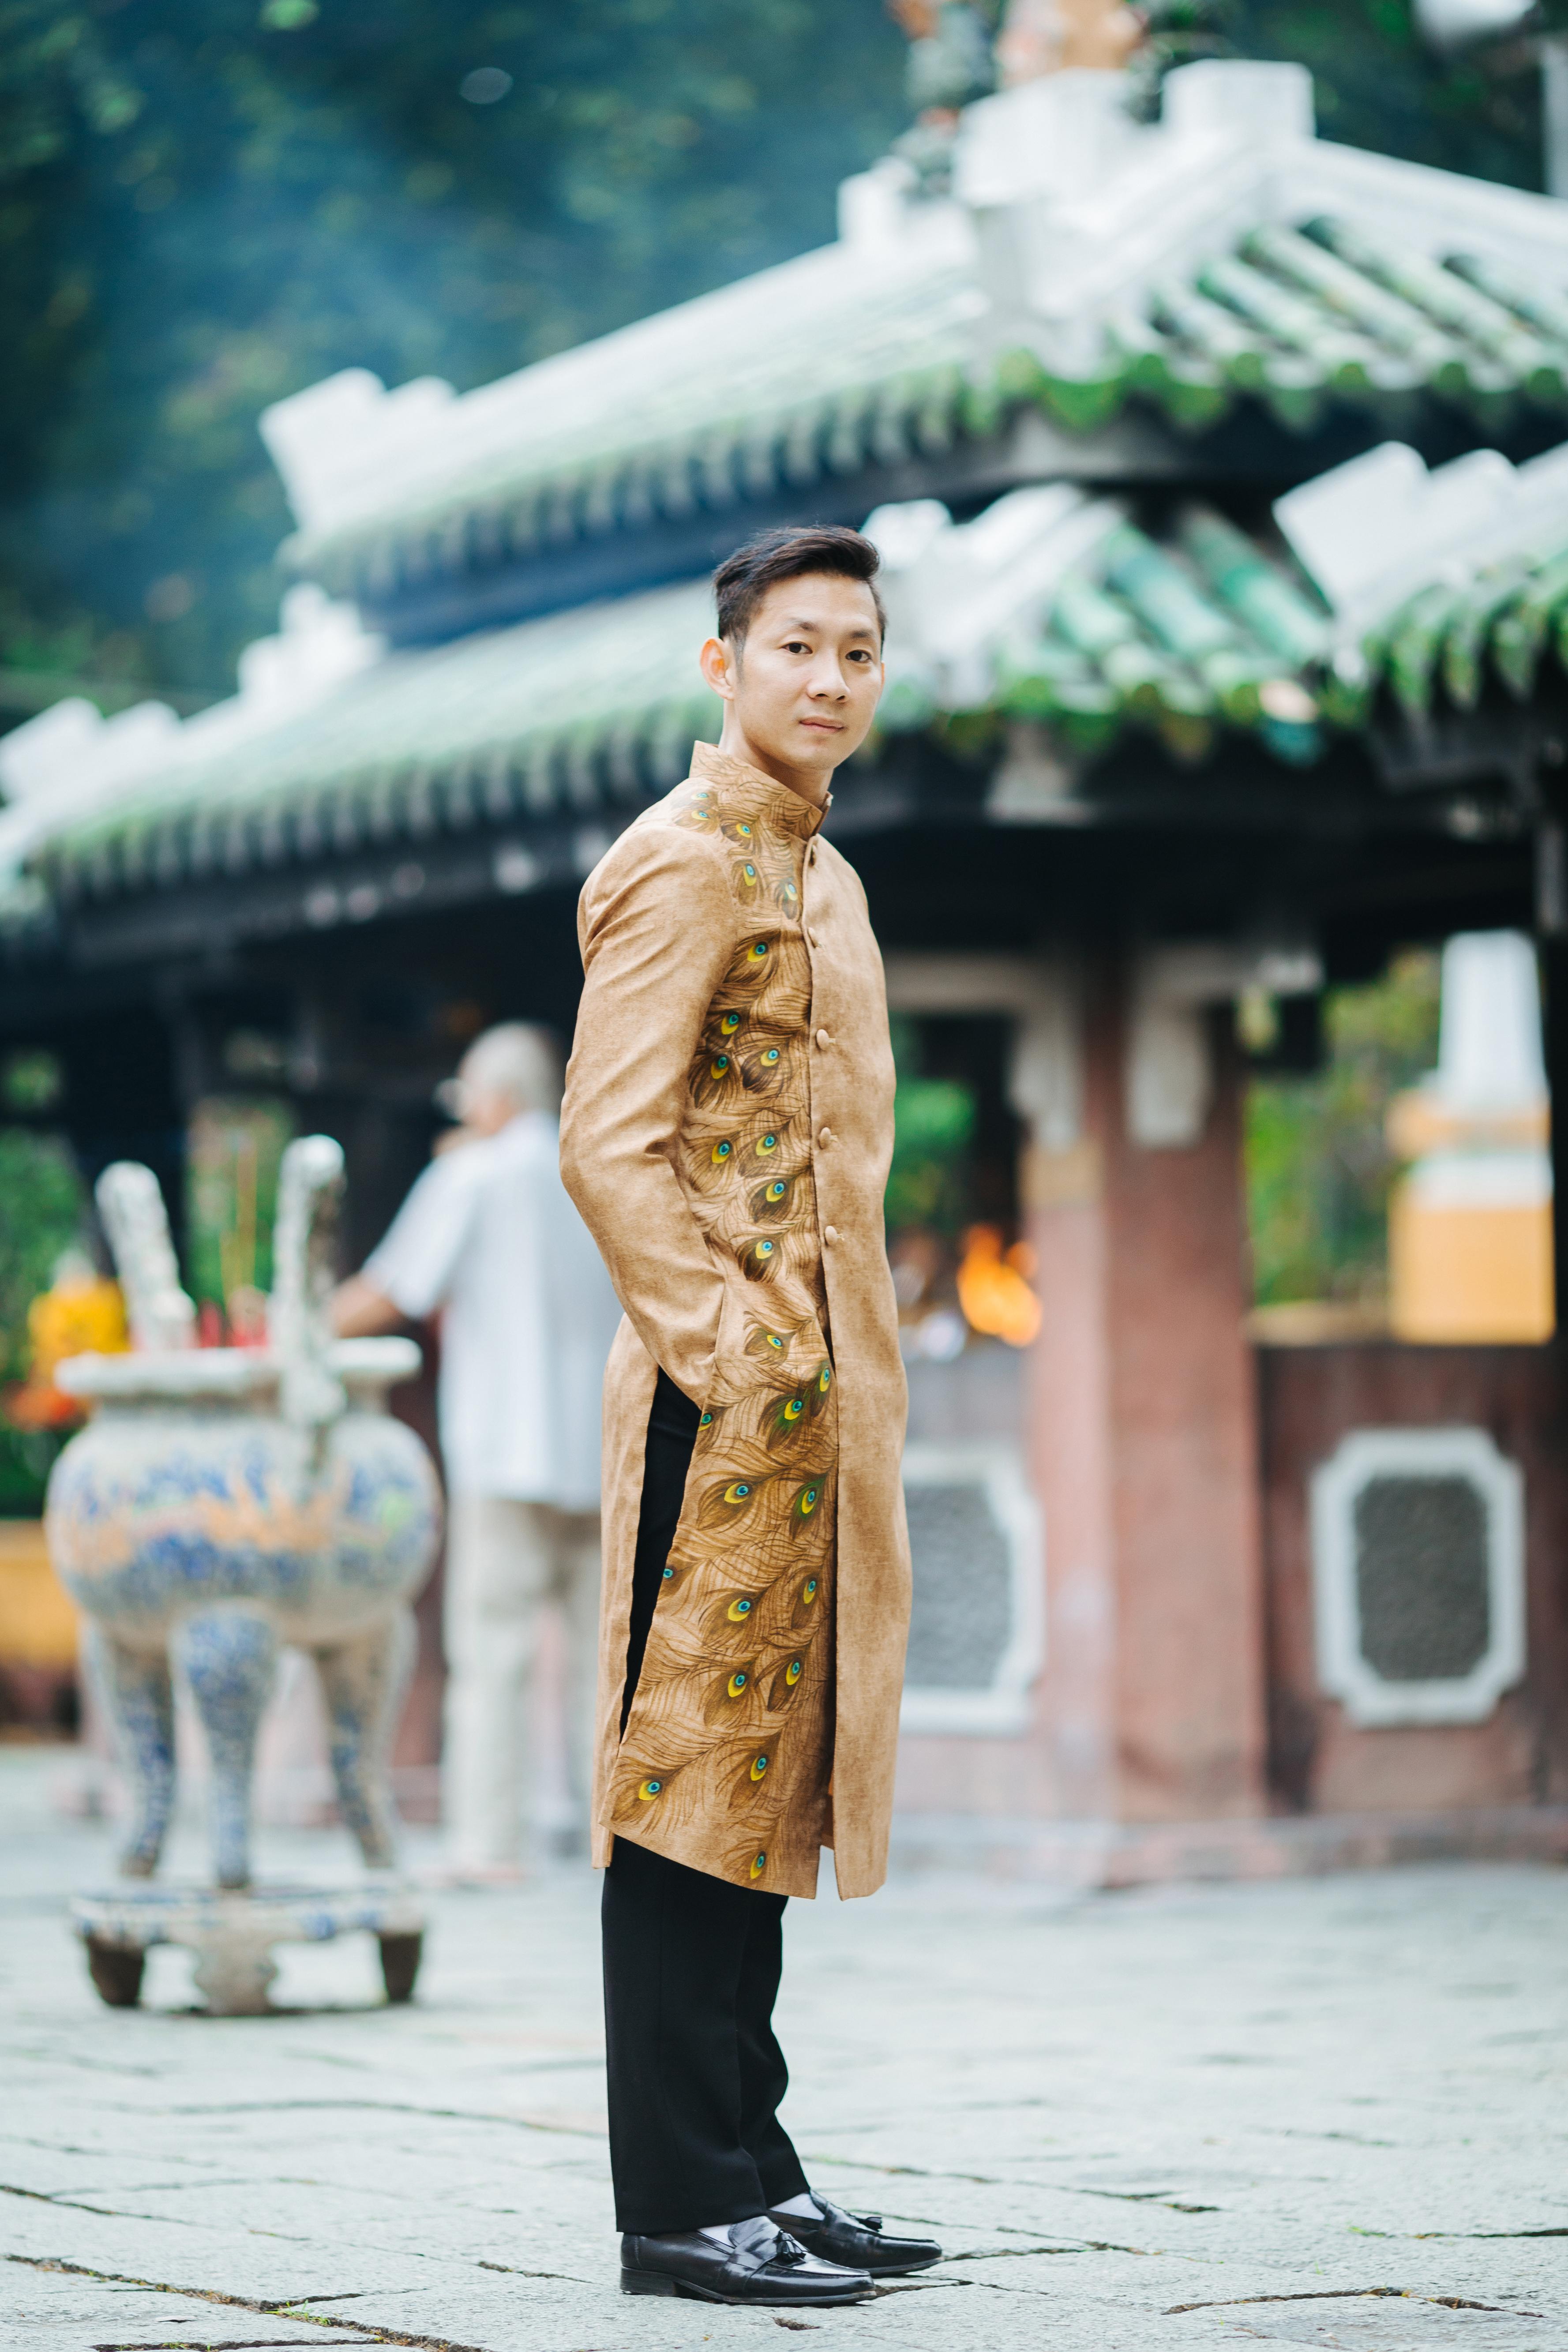 Tay vợt Tiến Minh: Đến giờ, tôi chưa phát hiện ra tật xấu nào của Trang - Ảnh 6.